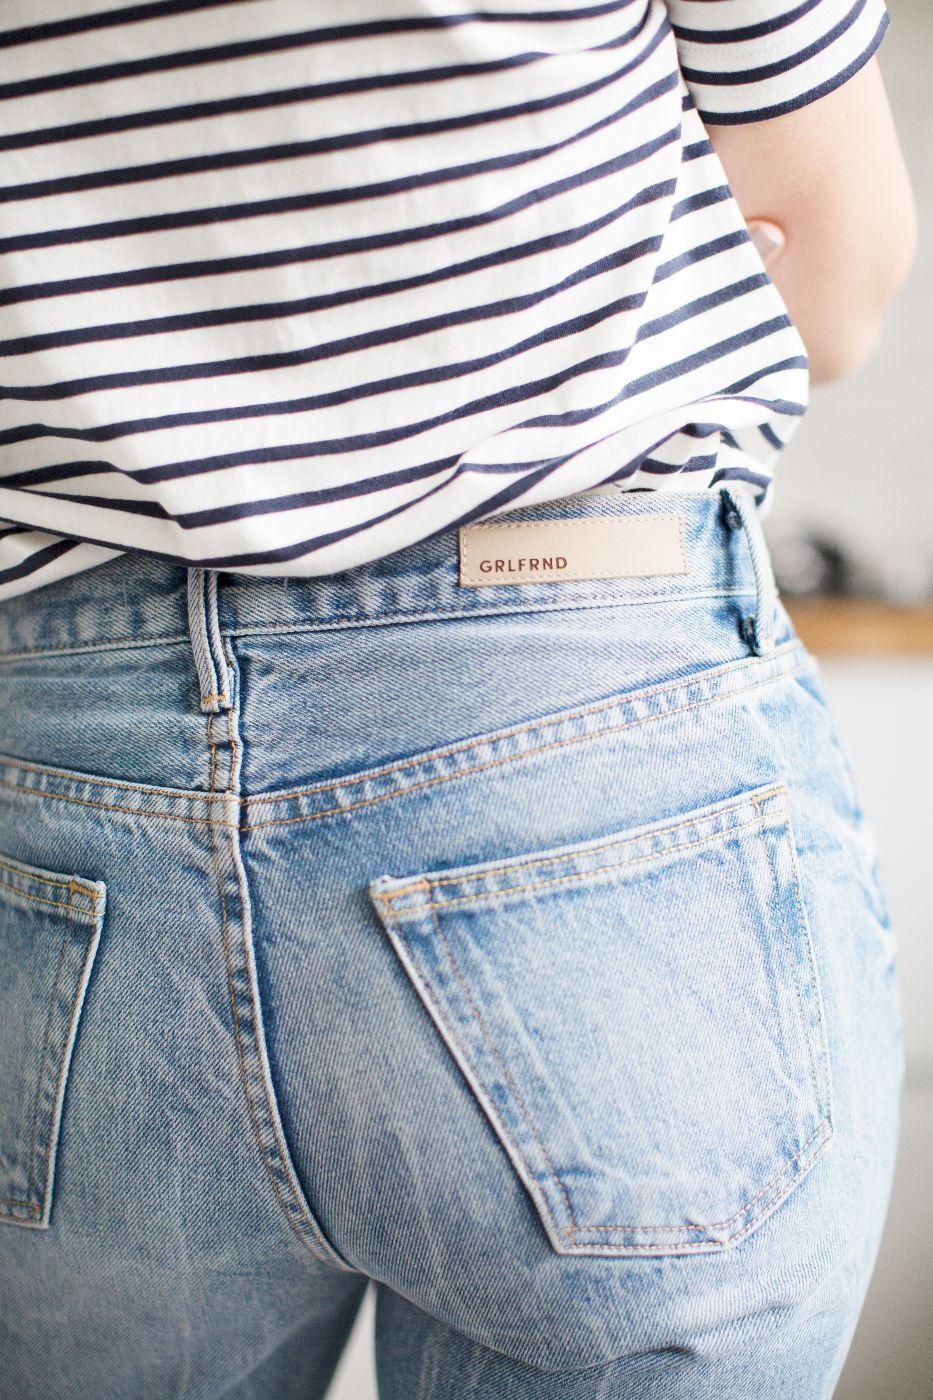 02c02c071075 theannaedit-breton-stripes-grlfrind-jeans-outfit-fashion-april-2017-5.jpg